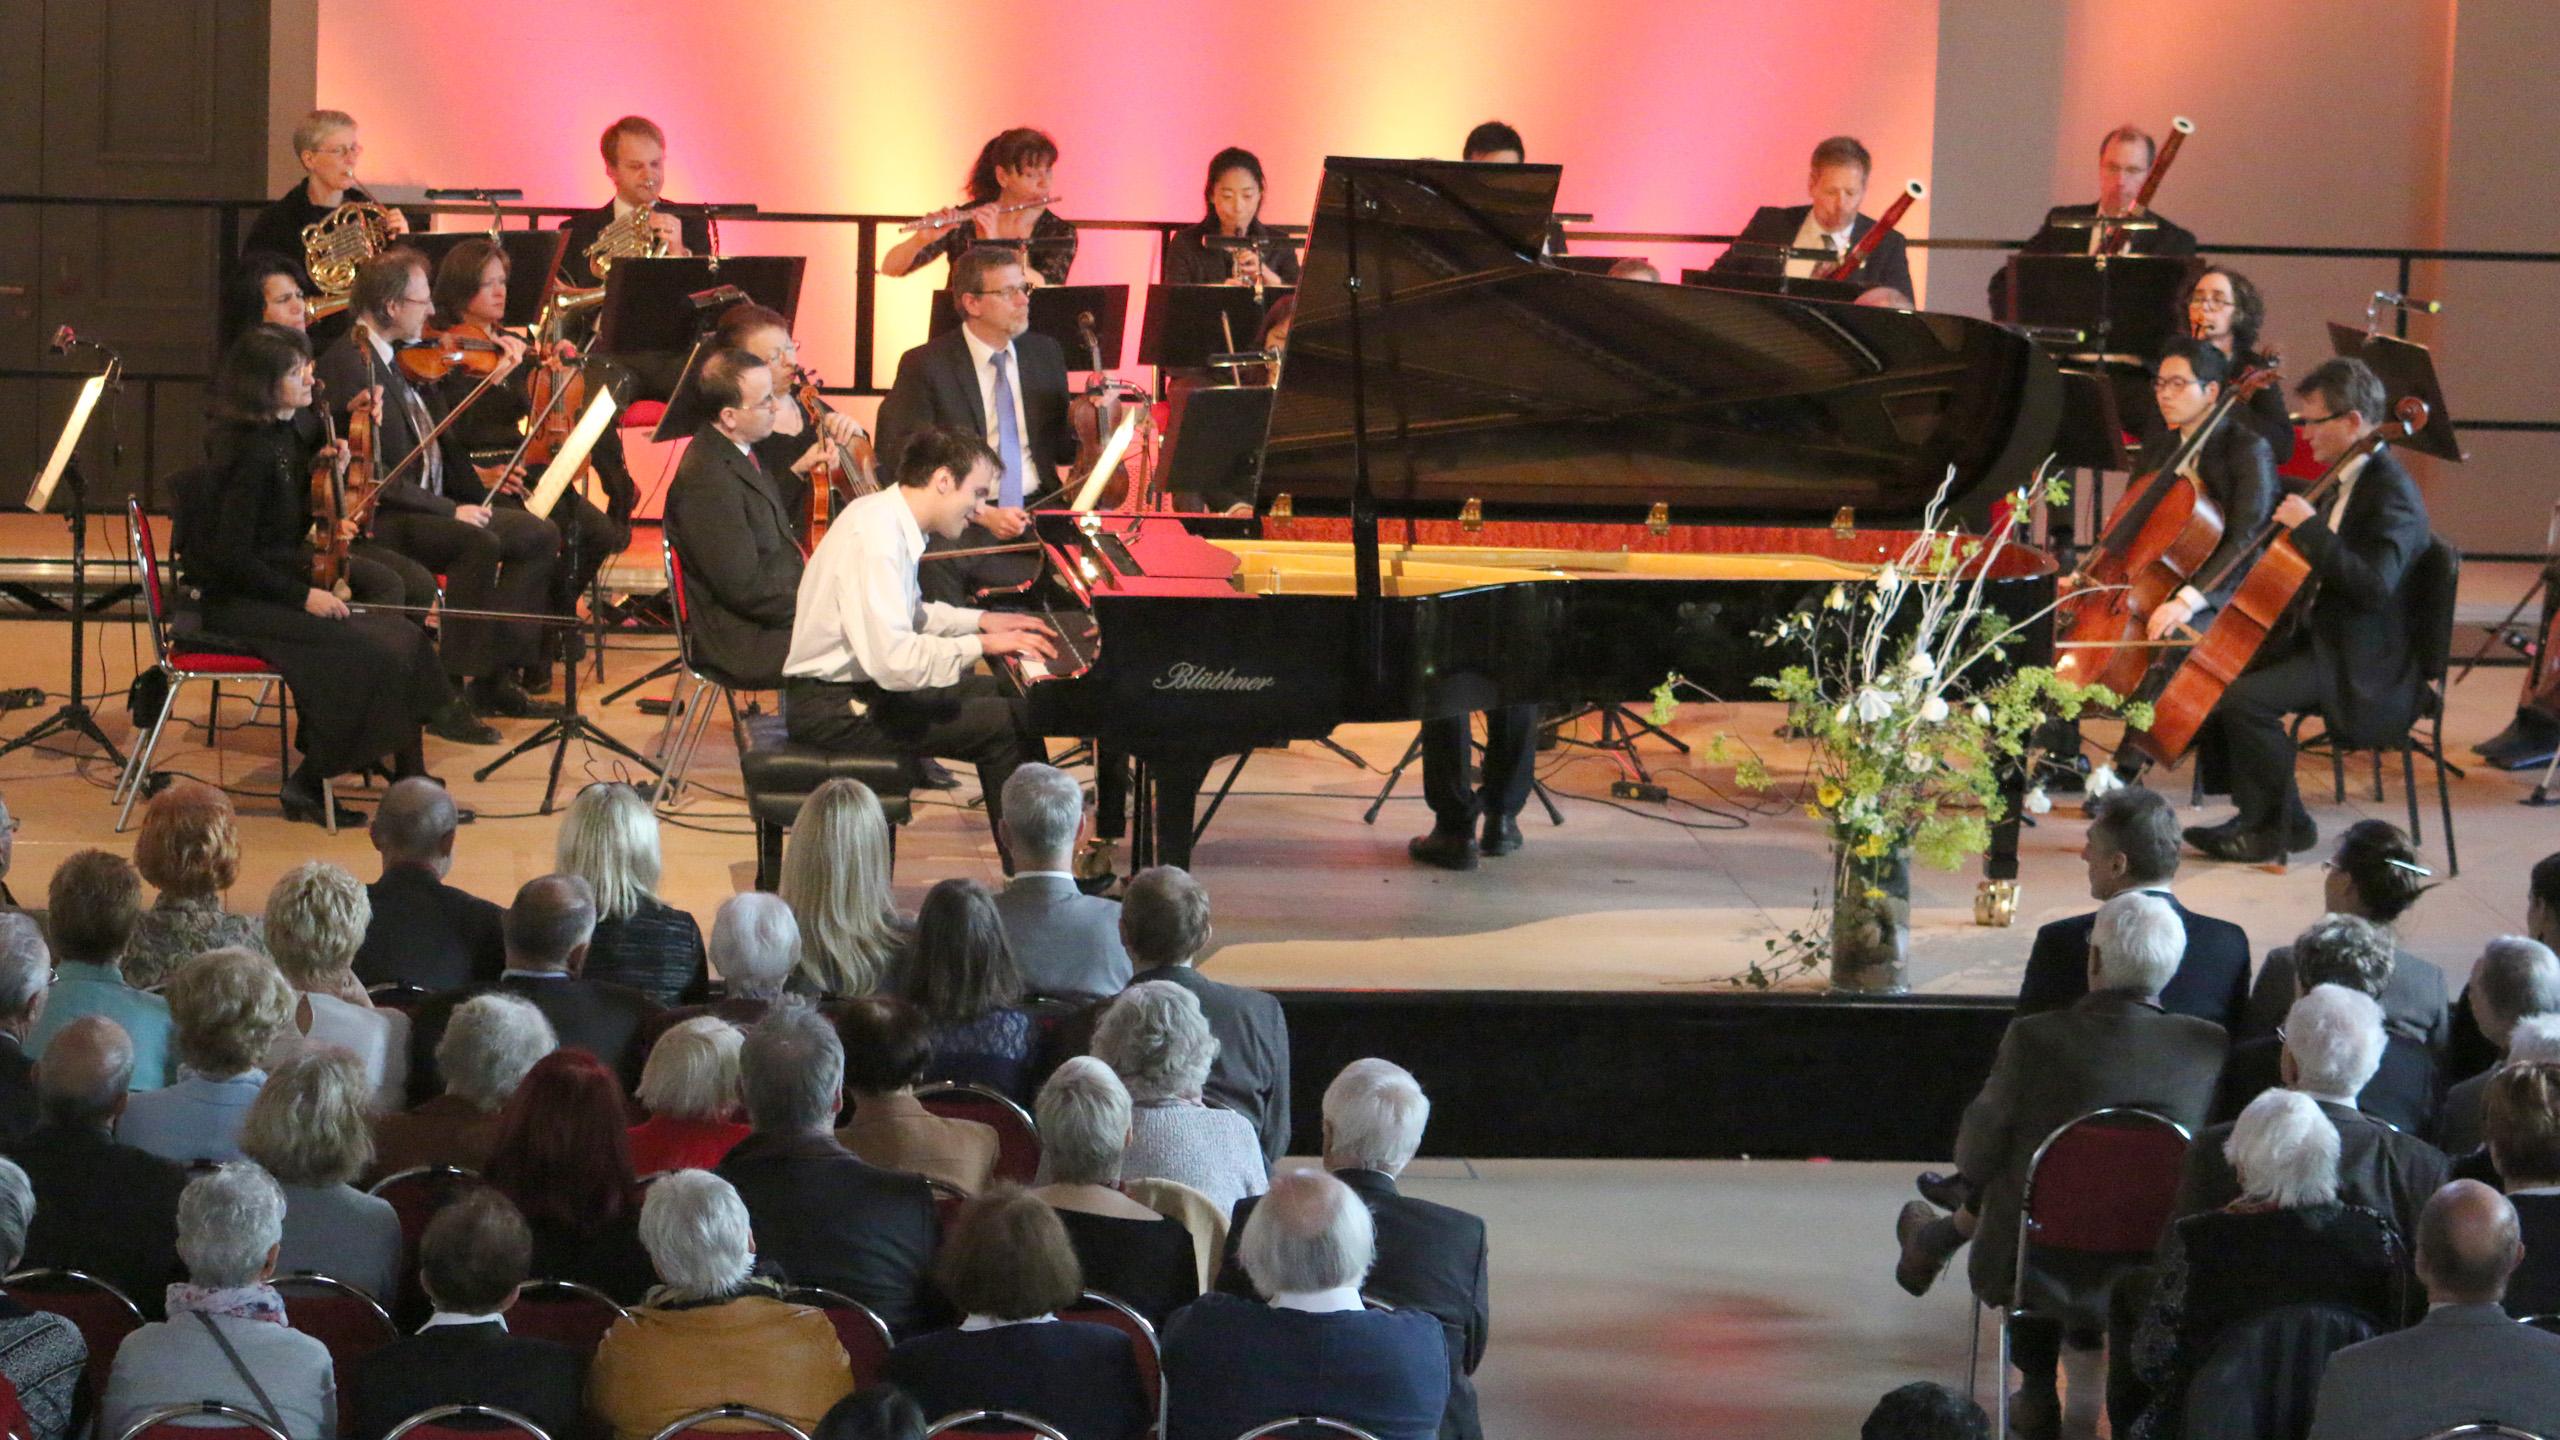 Klavierwettbewerb im Marstall mit Publikum